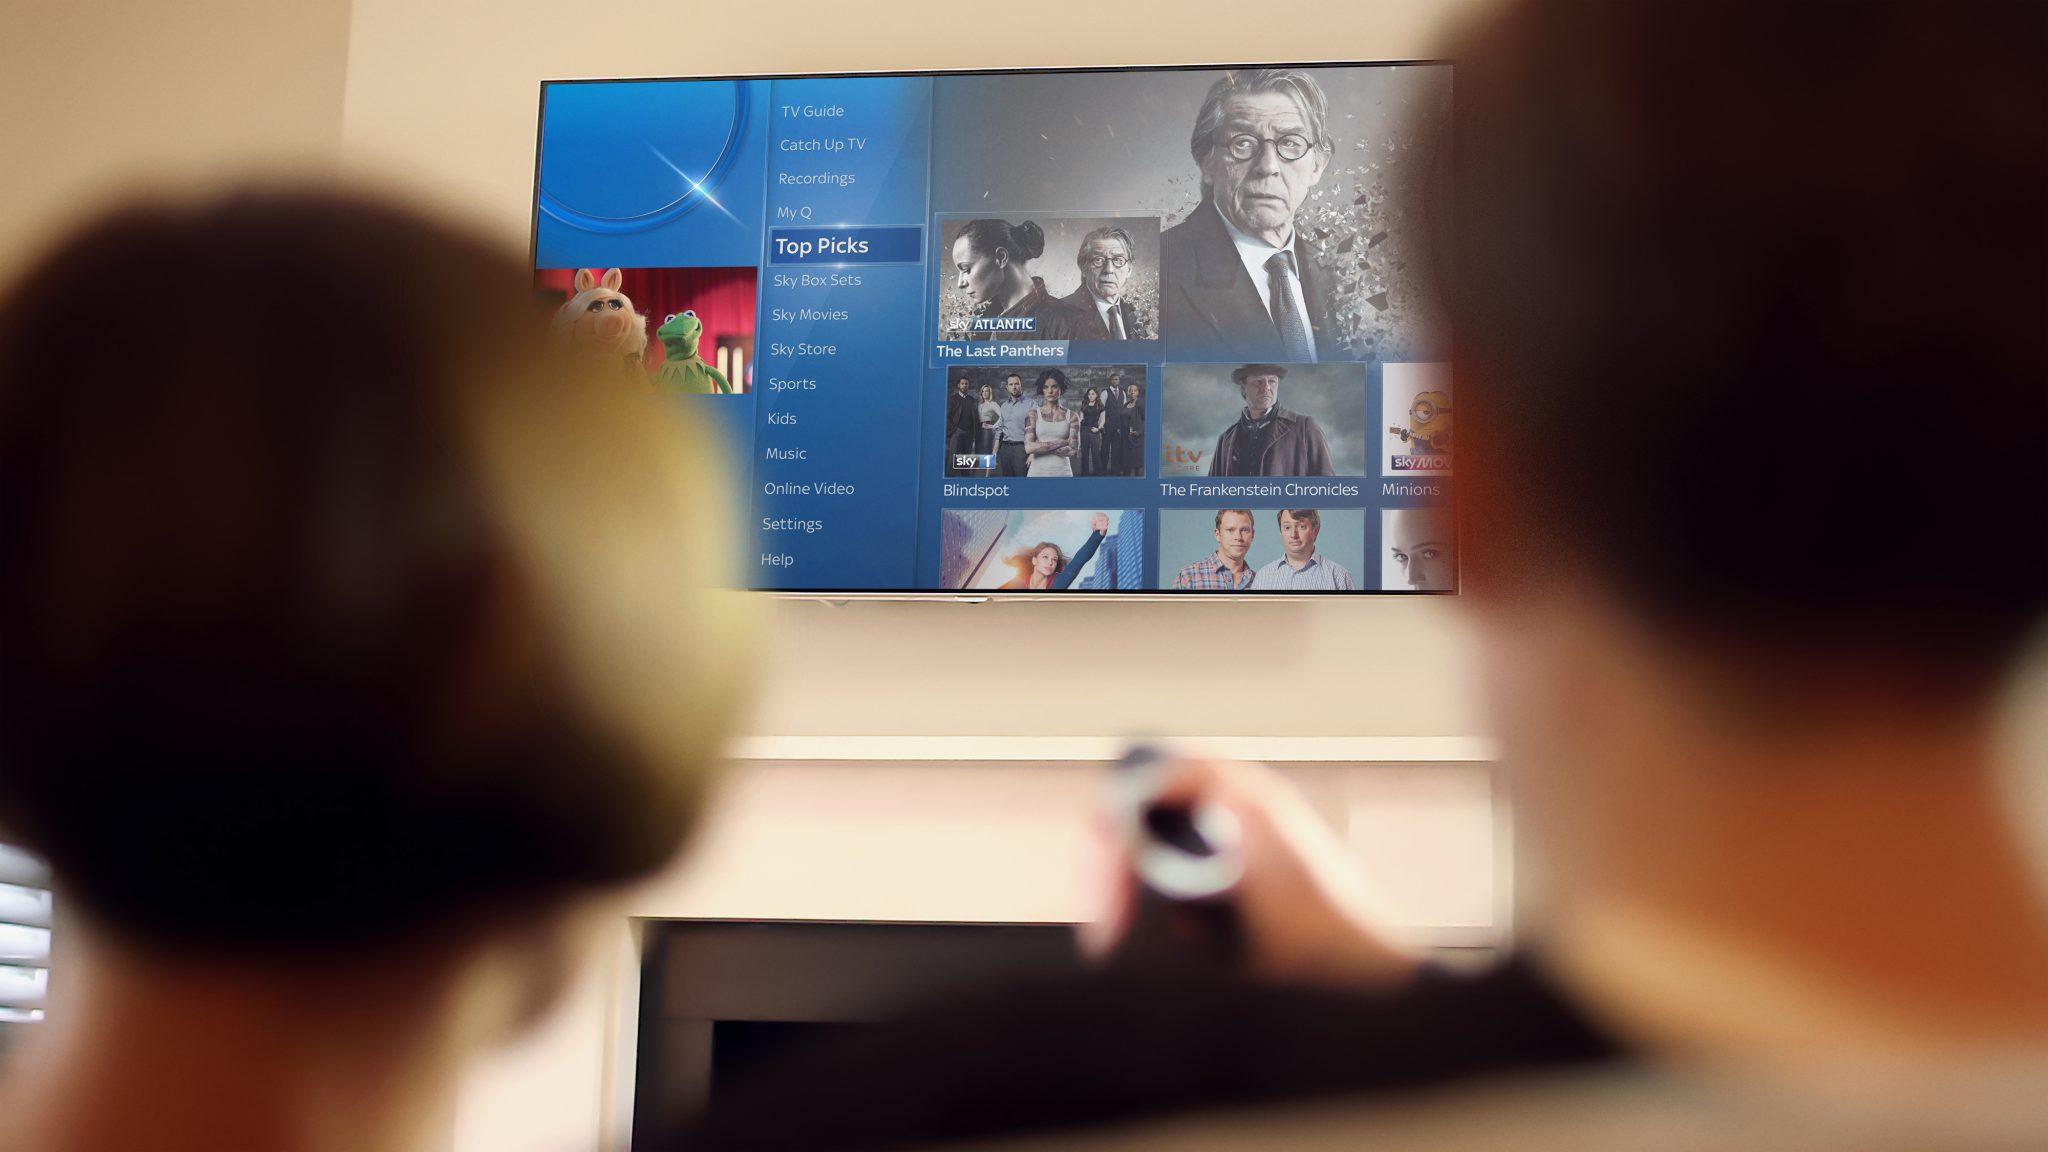 Sky Deutschland adds YouTube, ARTE apps to Sky Q – Digital